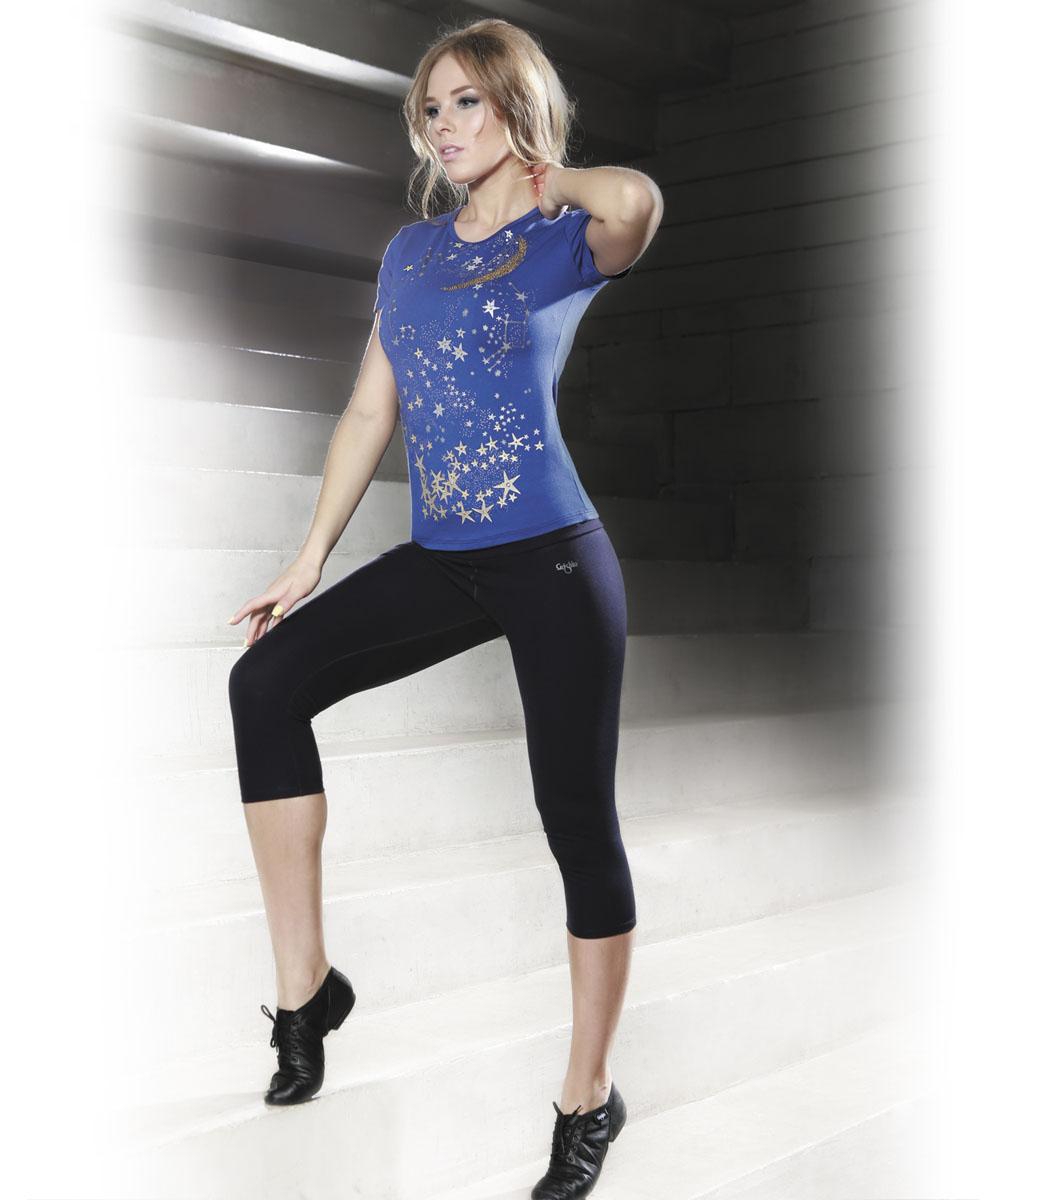 Капри для фитнеса женские Grishko Fitness, цвет: черный. AL-2909. Размер S (44)AL-2909Удобные капри с высоким фиксирующим плотным поясом прекрасно подойдут не только для спортивных тренировок, но и для и людей, ведущих активный образ жизни. Модель выполнена из материала нового поколения - вискозы в сочетании с лайкрой и полиамидом. Благодаря уникальным свойствам этого материала капри обладают высокой степенью утяжки и повышенной износостойкостью. Модель спереди дополнена небольшой термоаппликацией с логотипом Grishko. Такие капри подарят вам максимальный комфорт во время тренировок и повысят их эффективность.